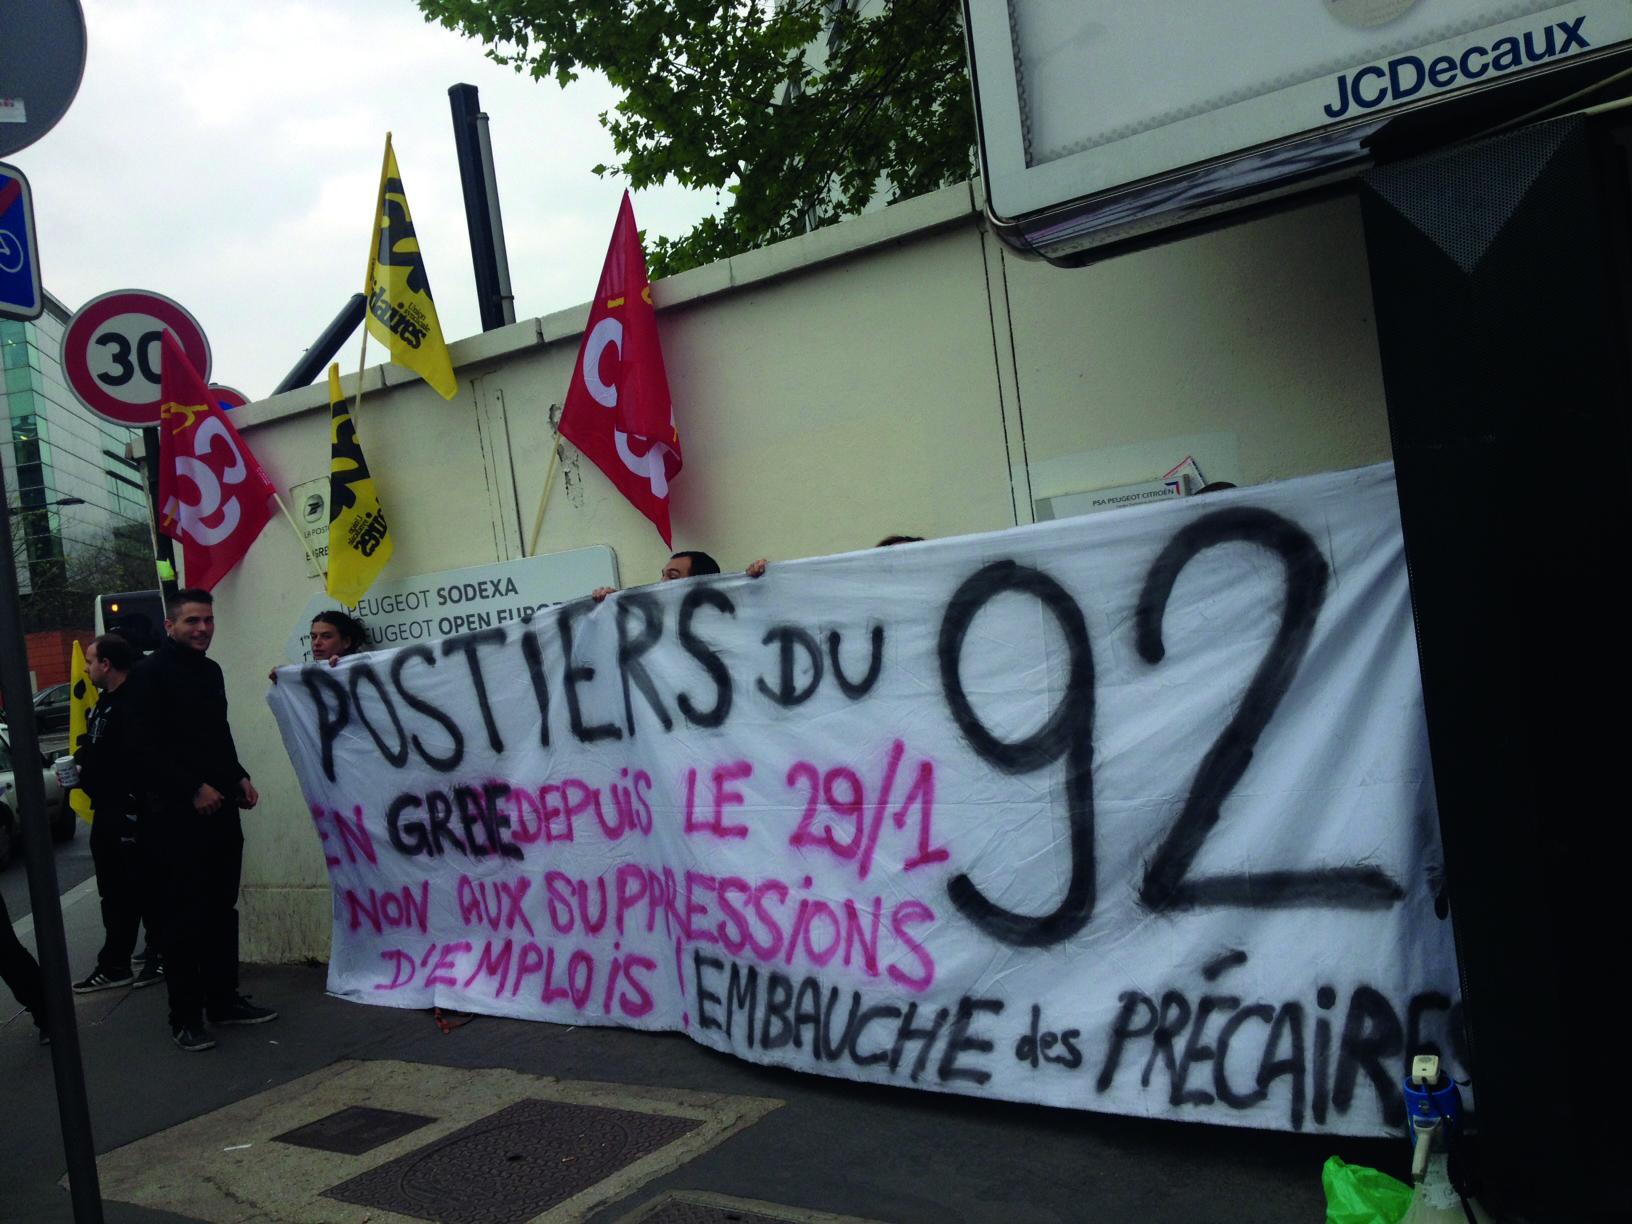 Trois mois de grève des postiers/ères des Hauts-de-Seine